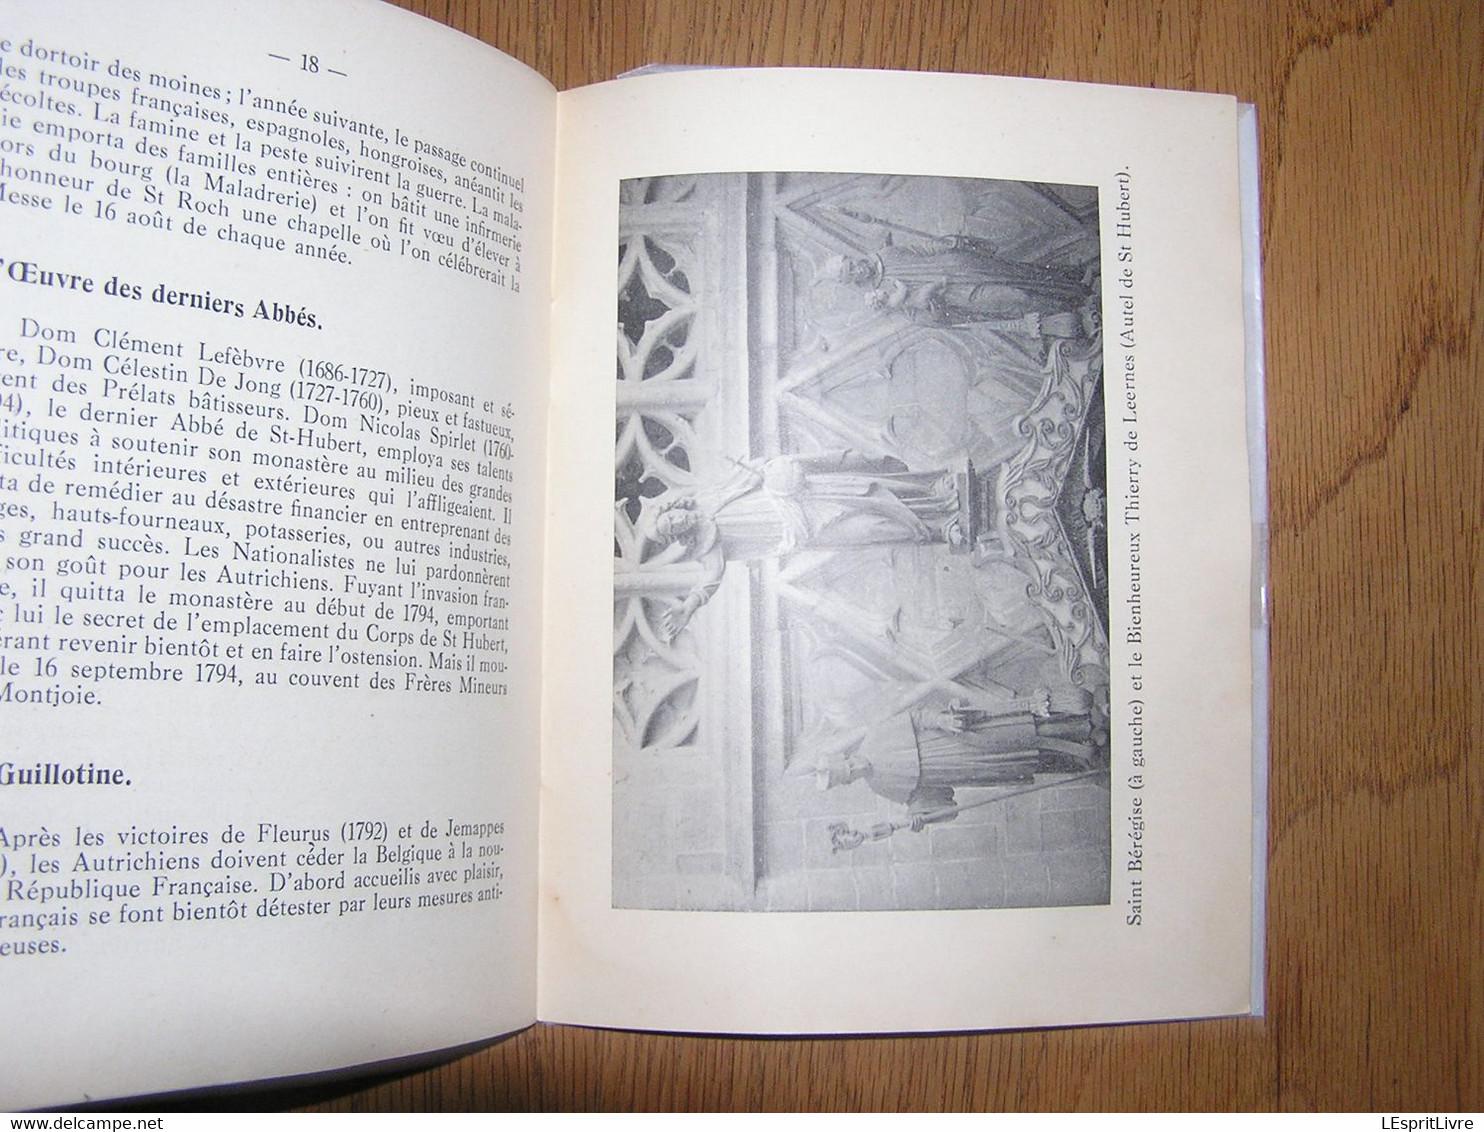 SAINT HUBERT EN ARDENNE Fascicule 1 Vie De Saint-Hubert Et Histoire De L' Abbaye Chalon Régionalisme Eglise Architecture - Bélgica